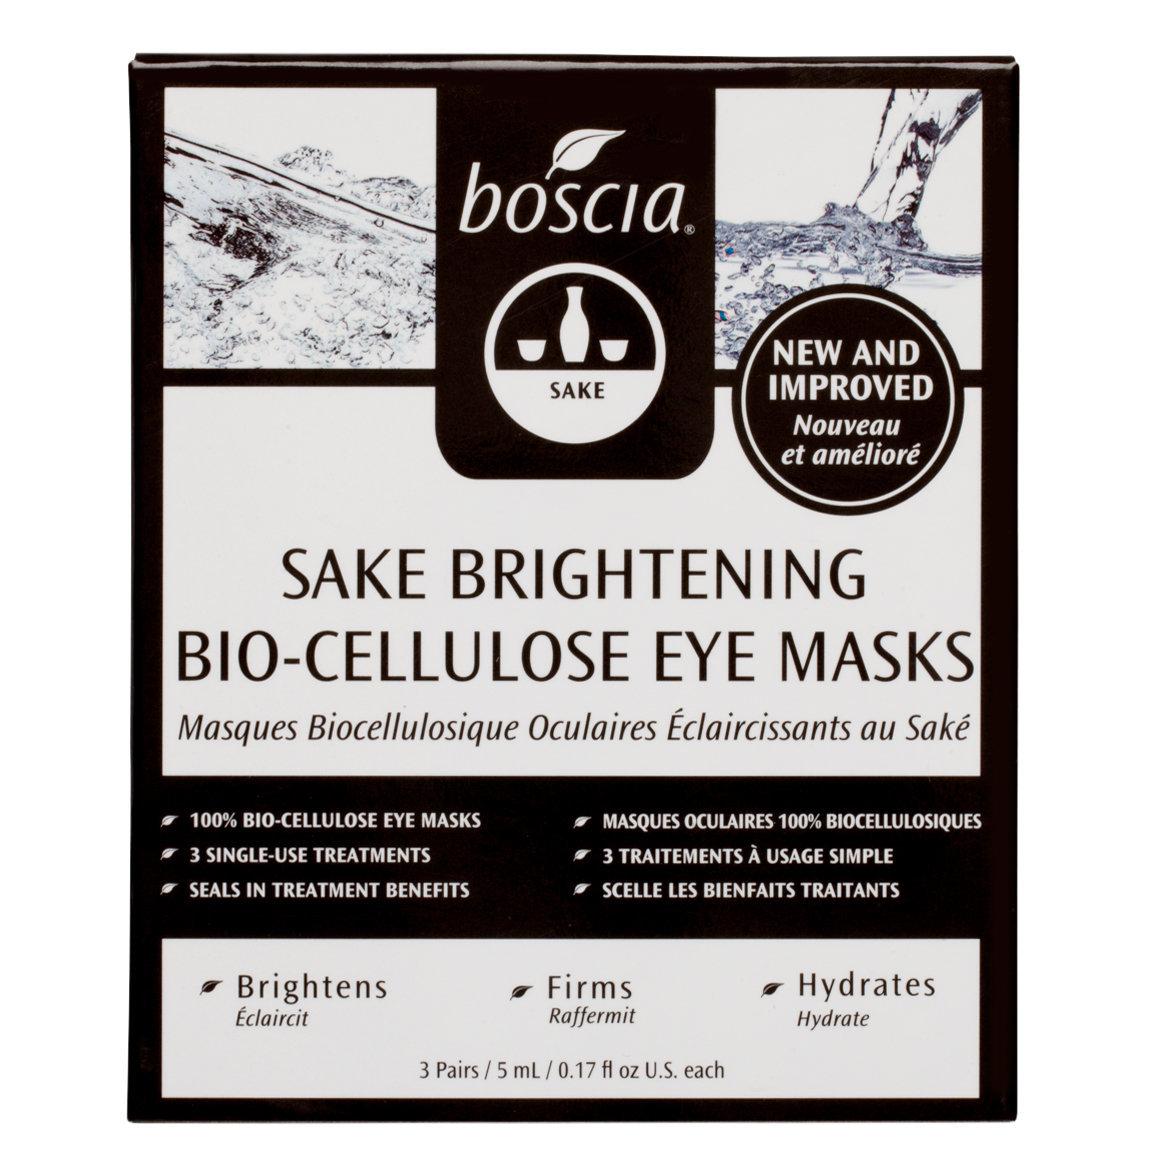 boscia Sake Brightening Bio-Cellulose Eye Masks product swatch.